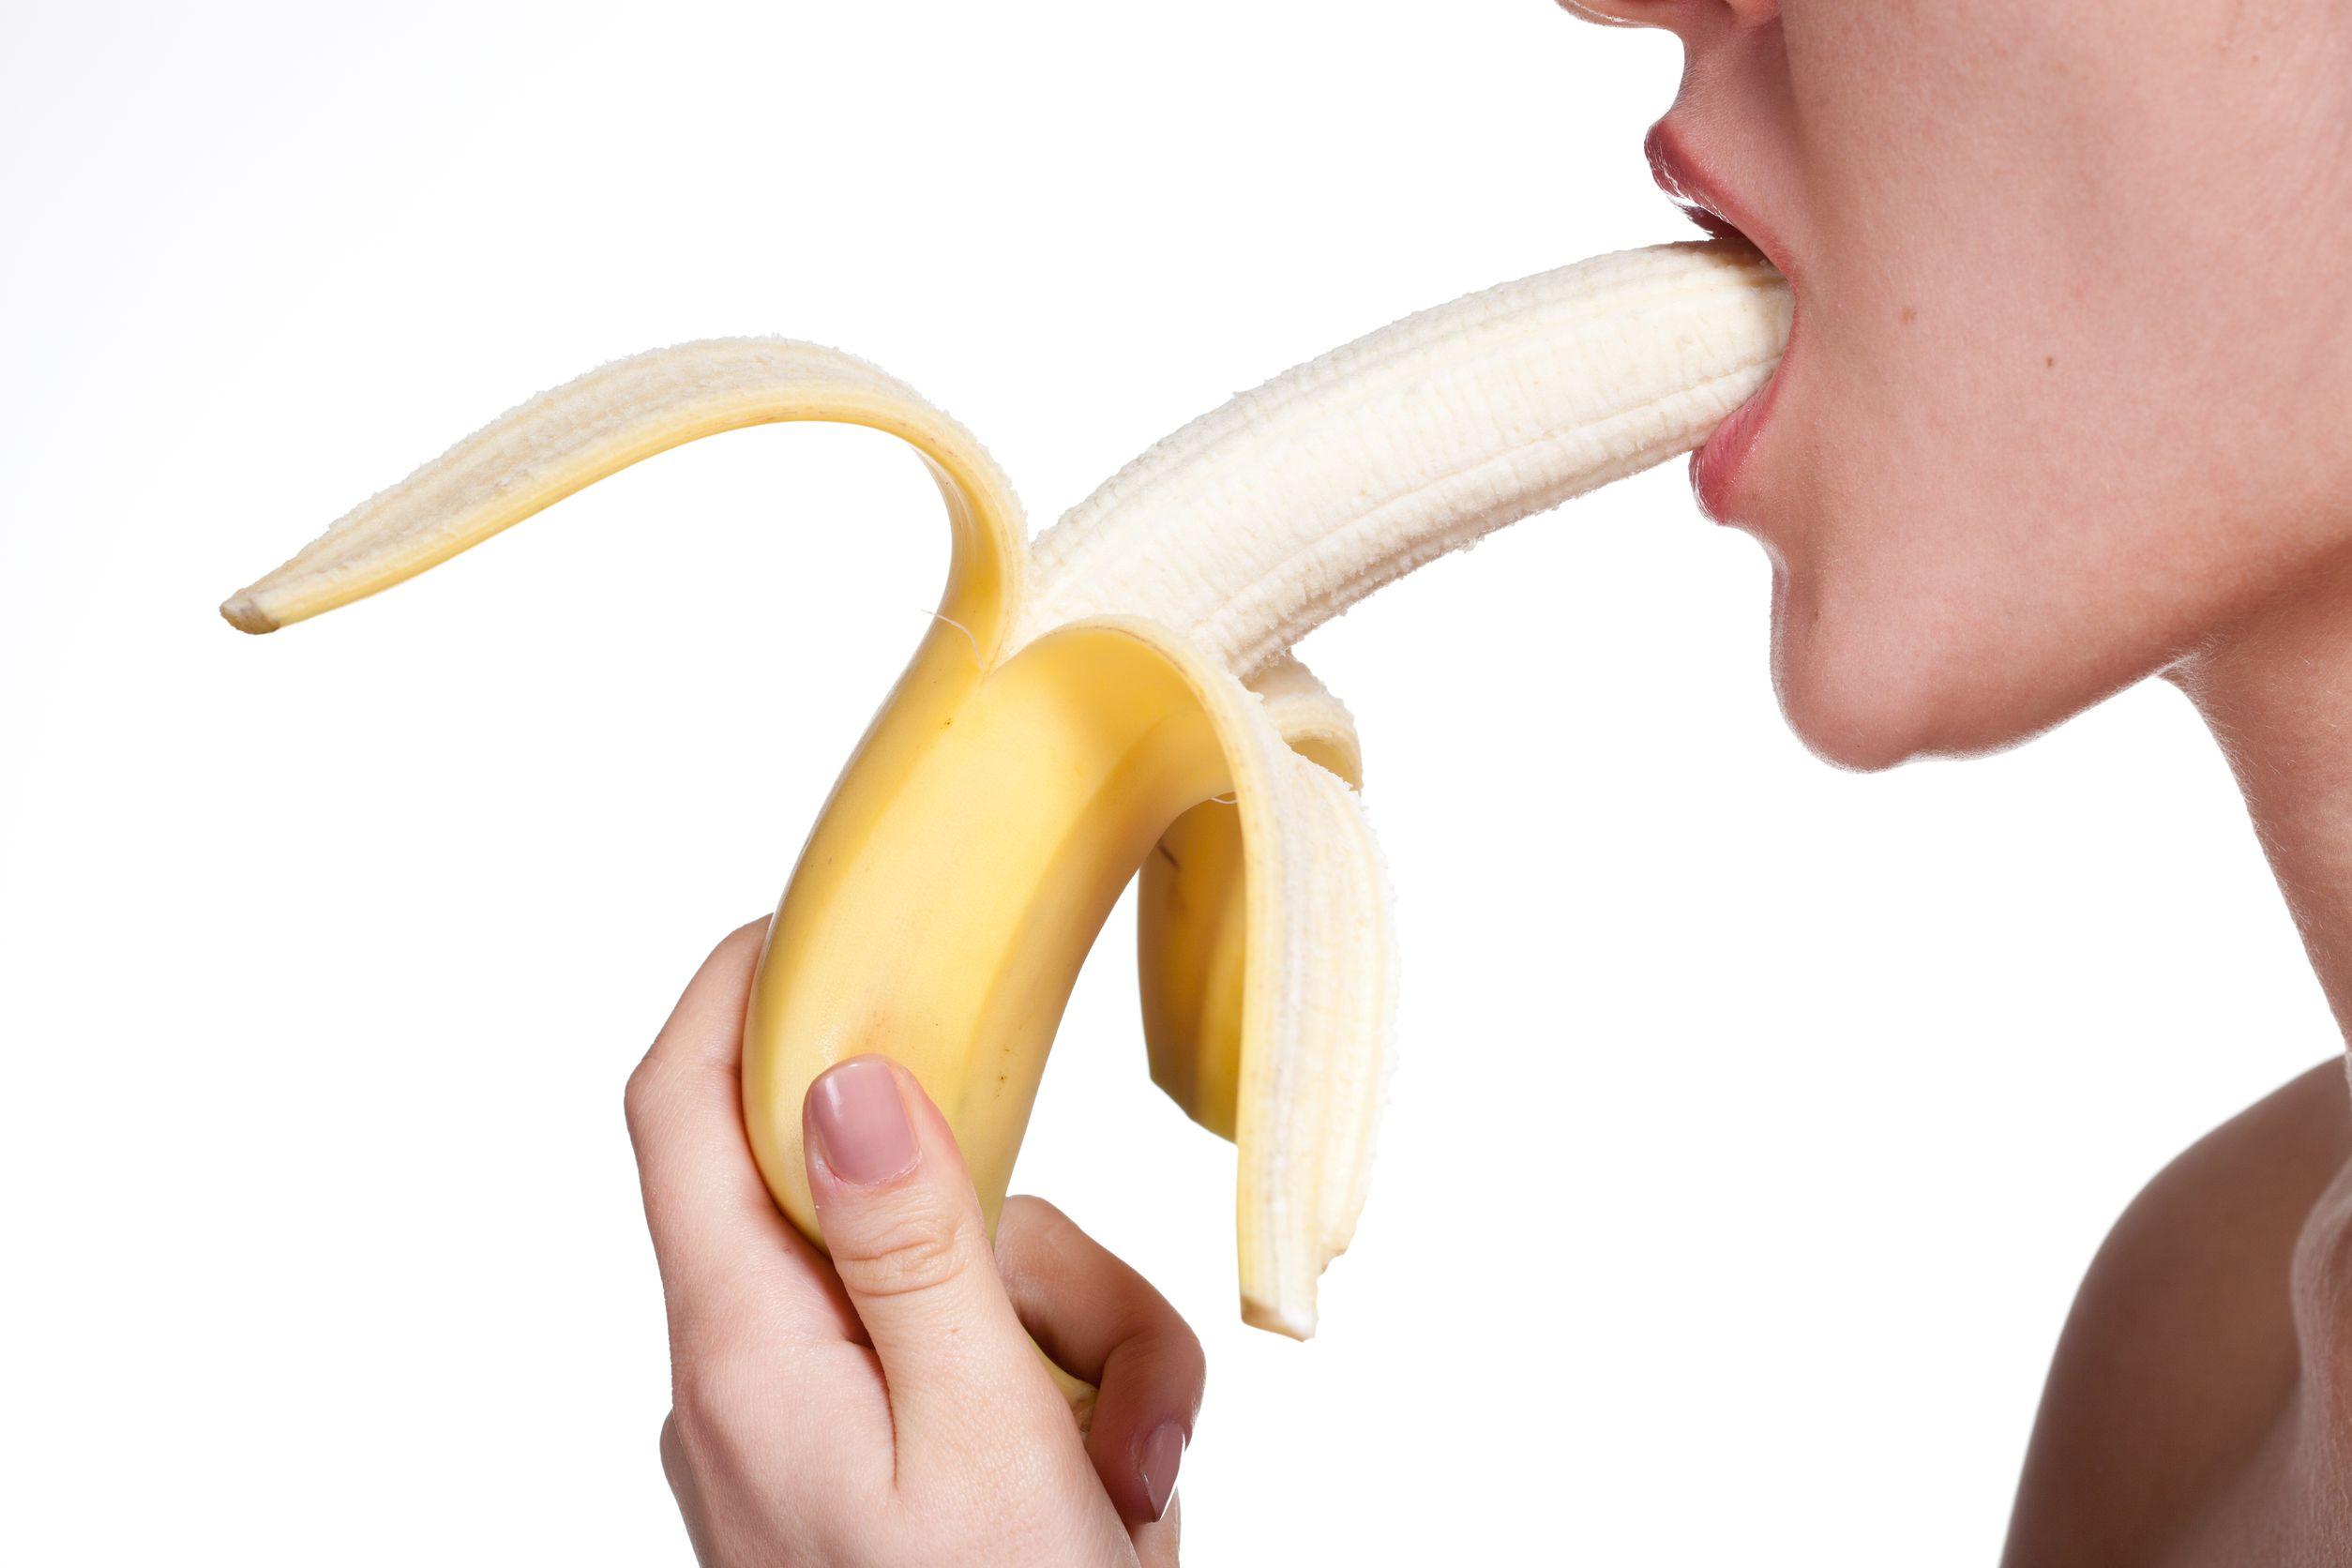 バナナ効果的な食べ方